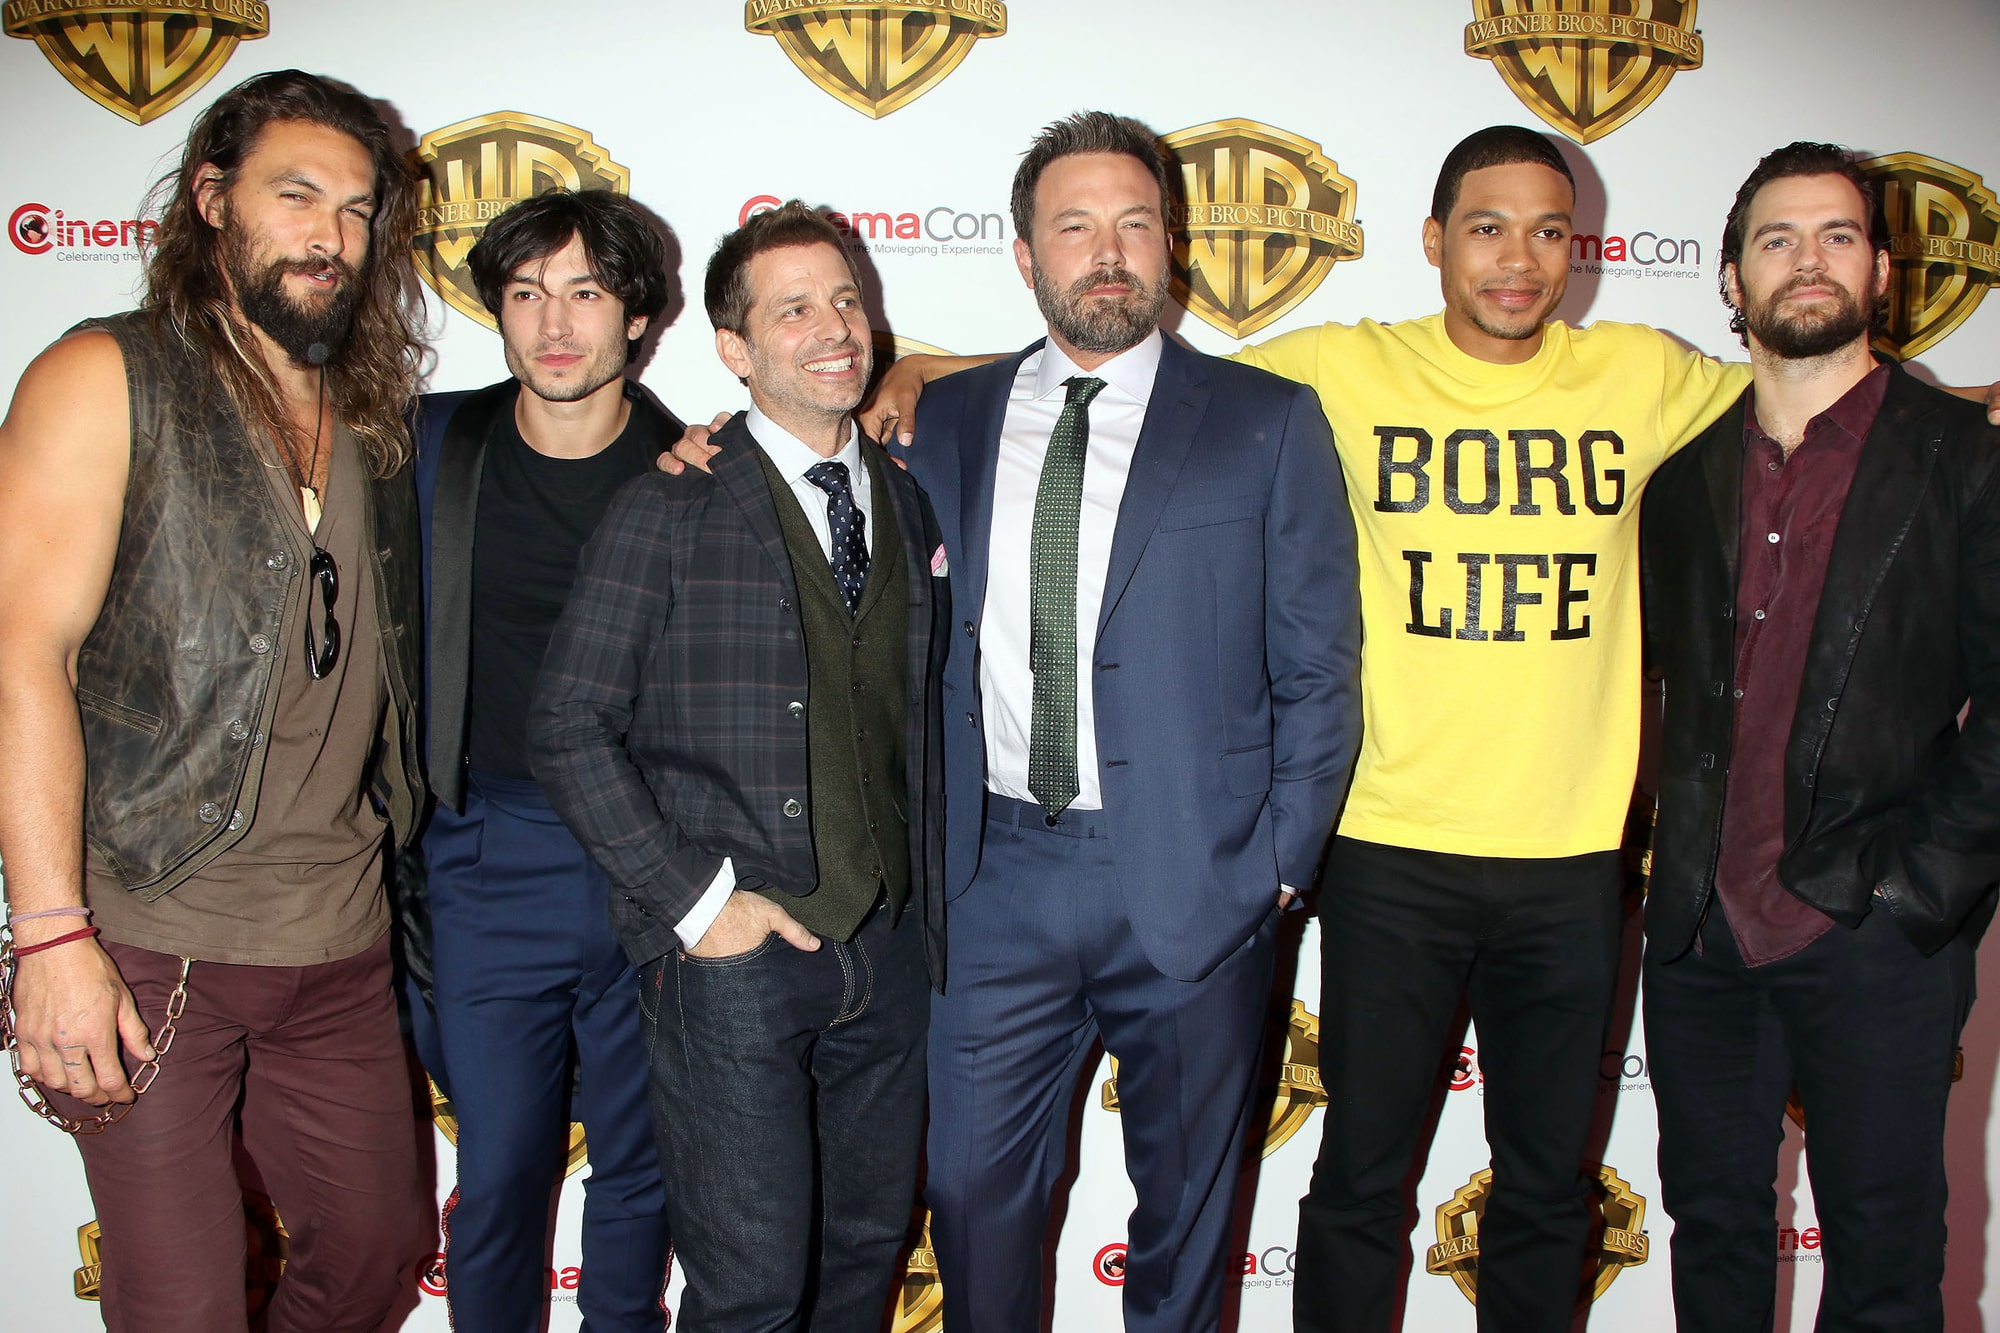 Зак Снайдер намекнул, что «Лига справедливости» будет четырехчасовым фильмом